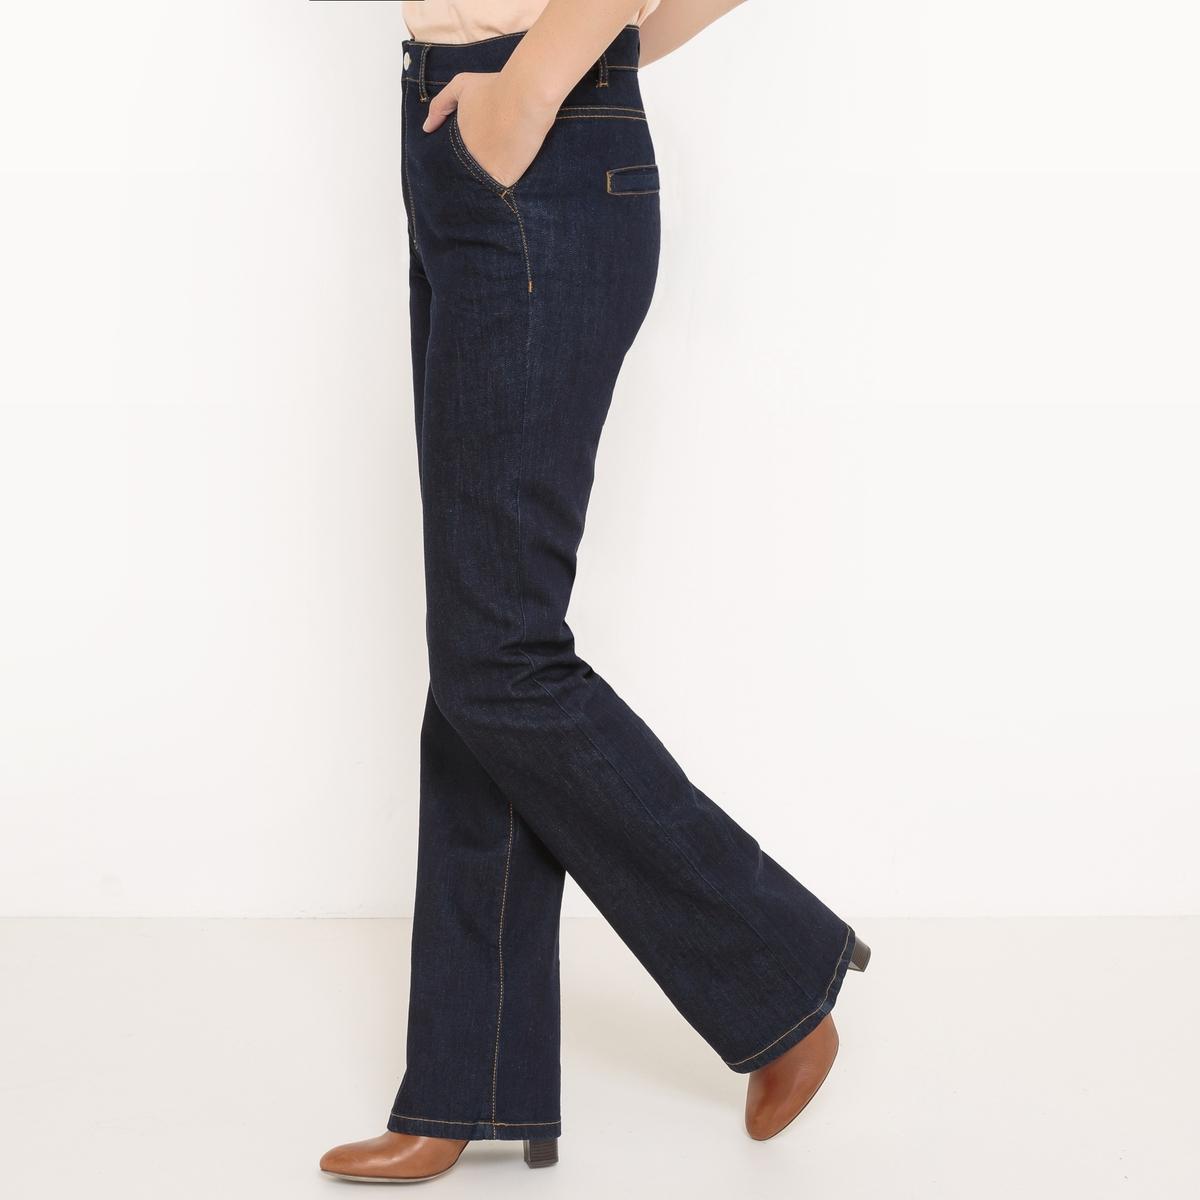 Джинсы расклешенные джинсы расклешенные длина 34